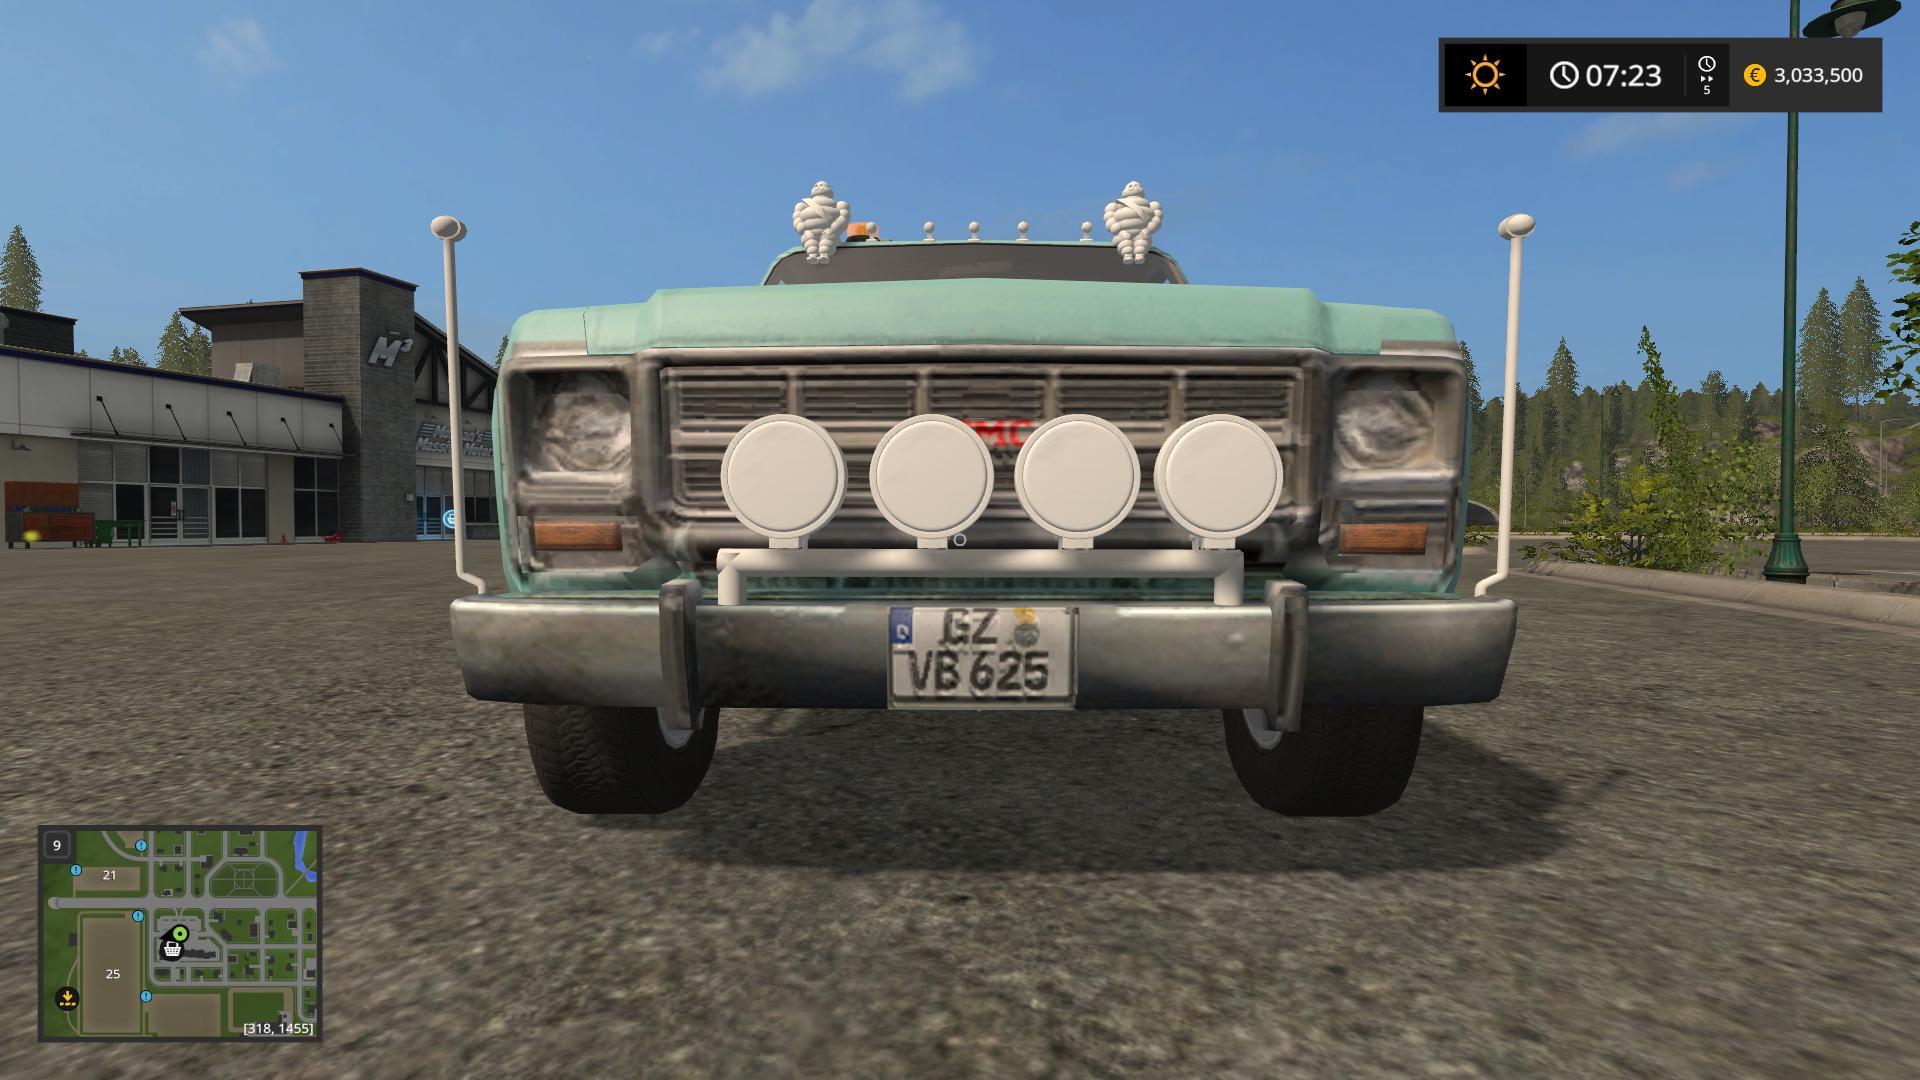 Pickup med D24 v1 0 0 Mod - Farming Simulator 2015 / 15 mod